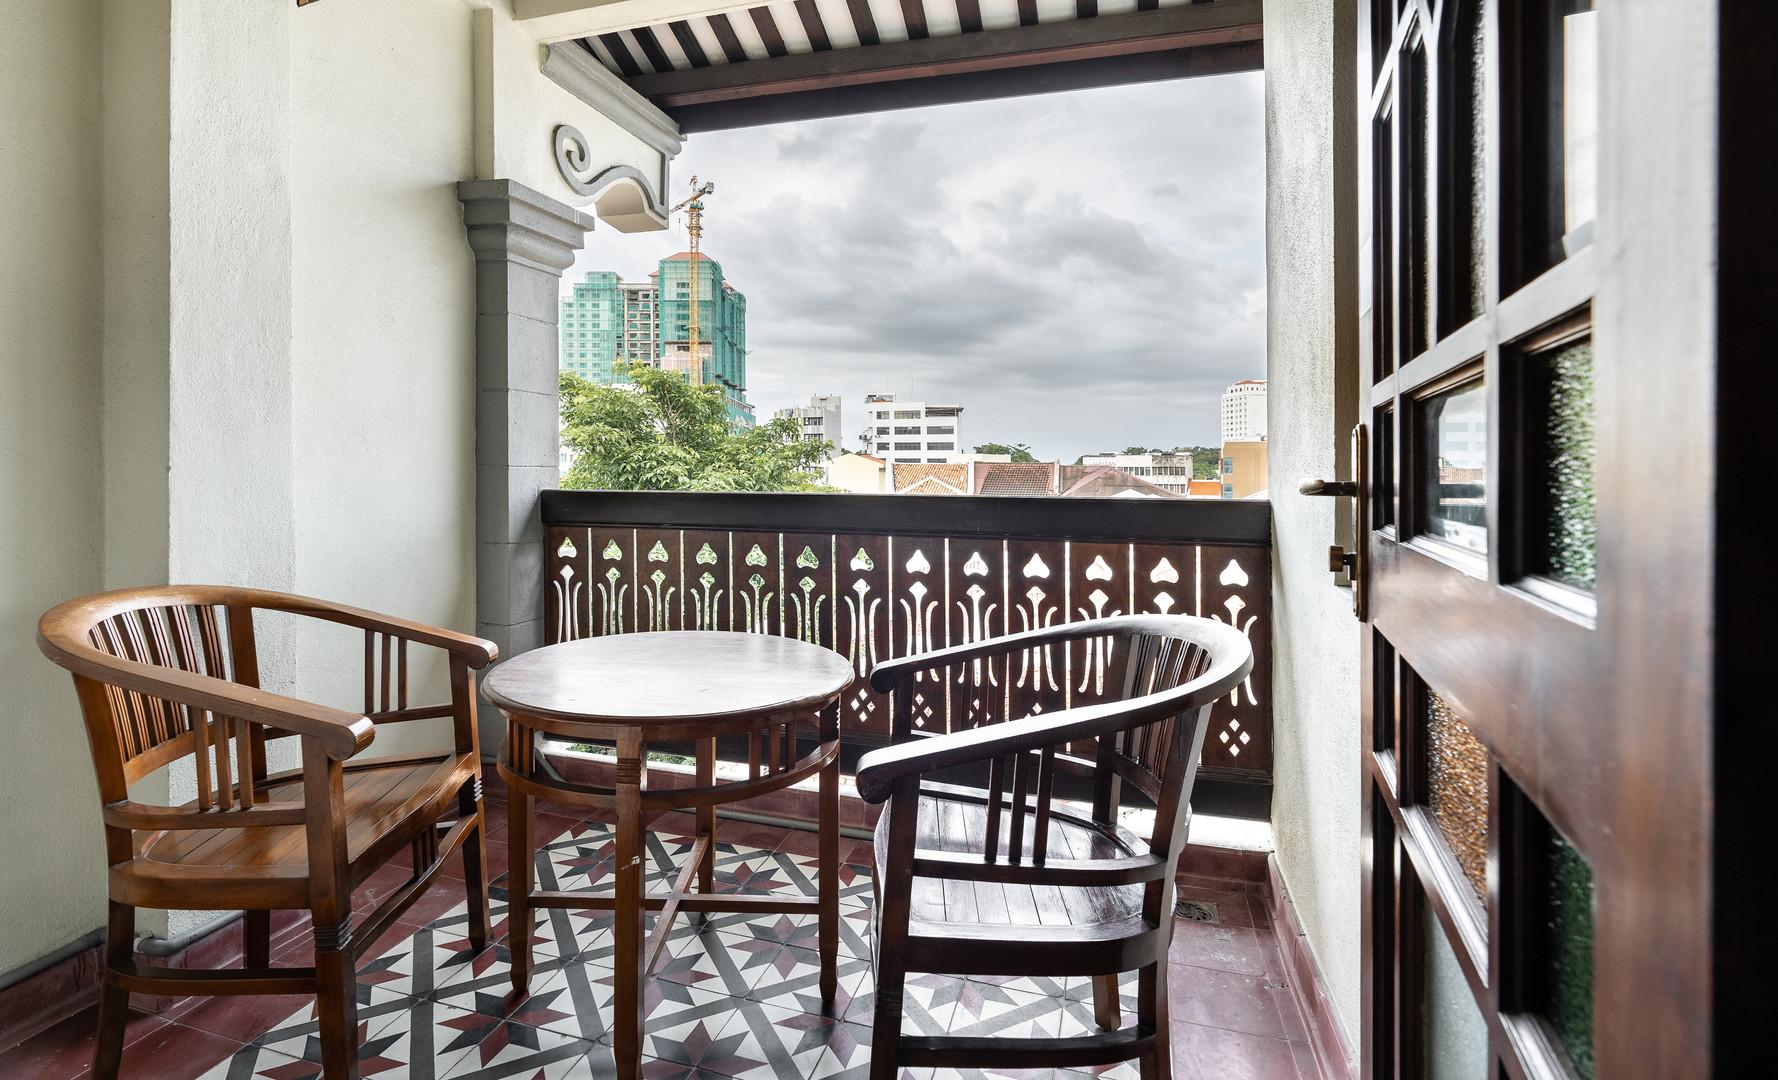 Hutton Deluxe Room - Balcony Area